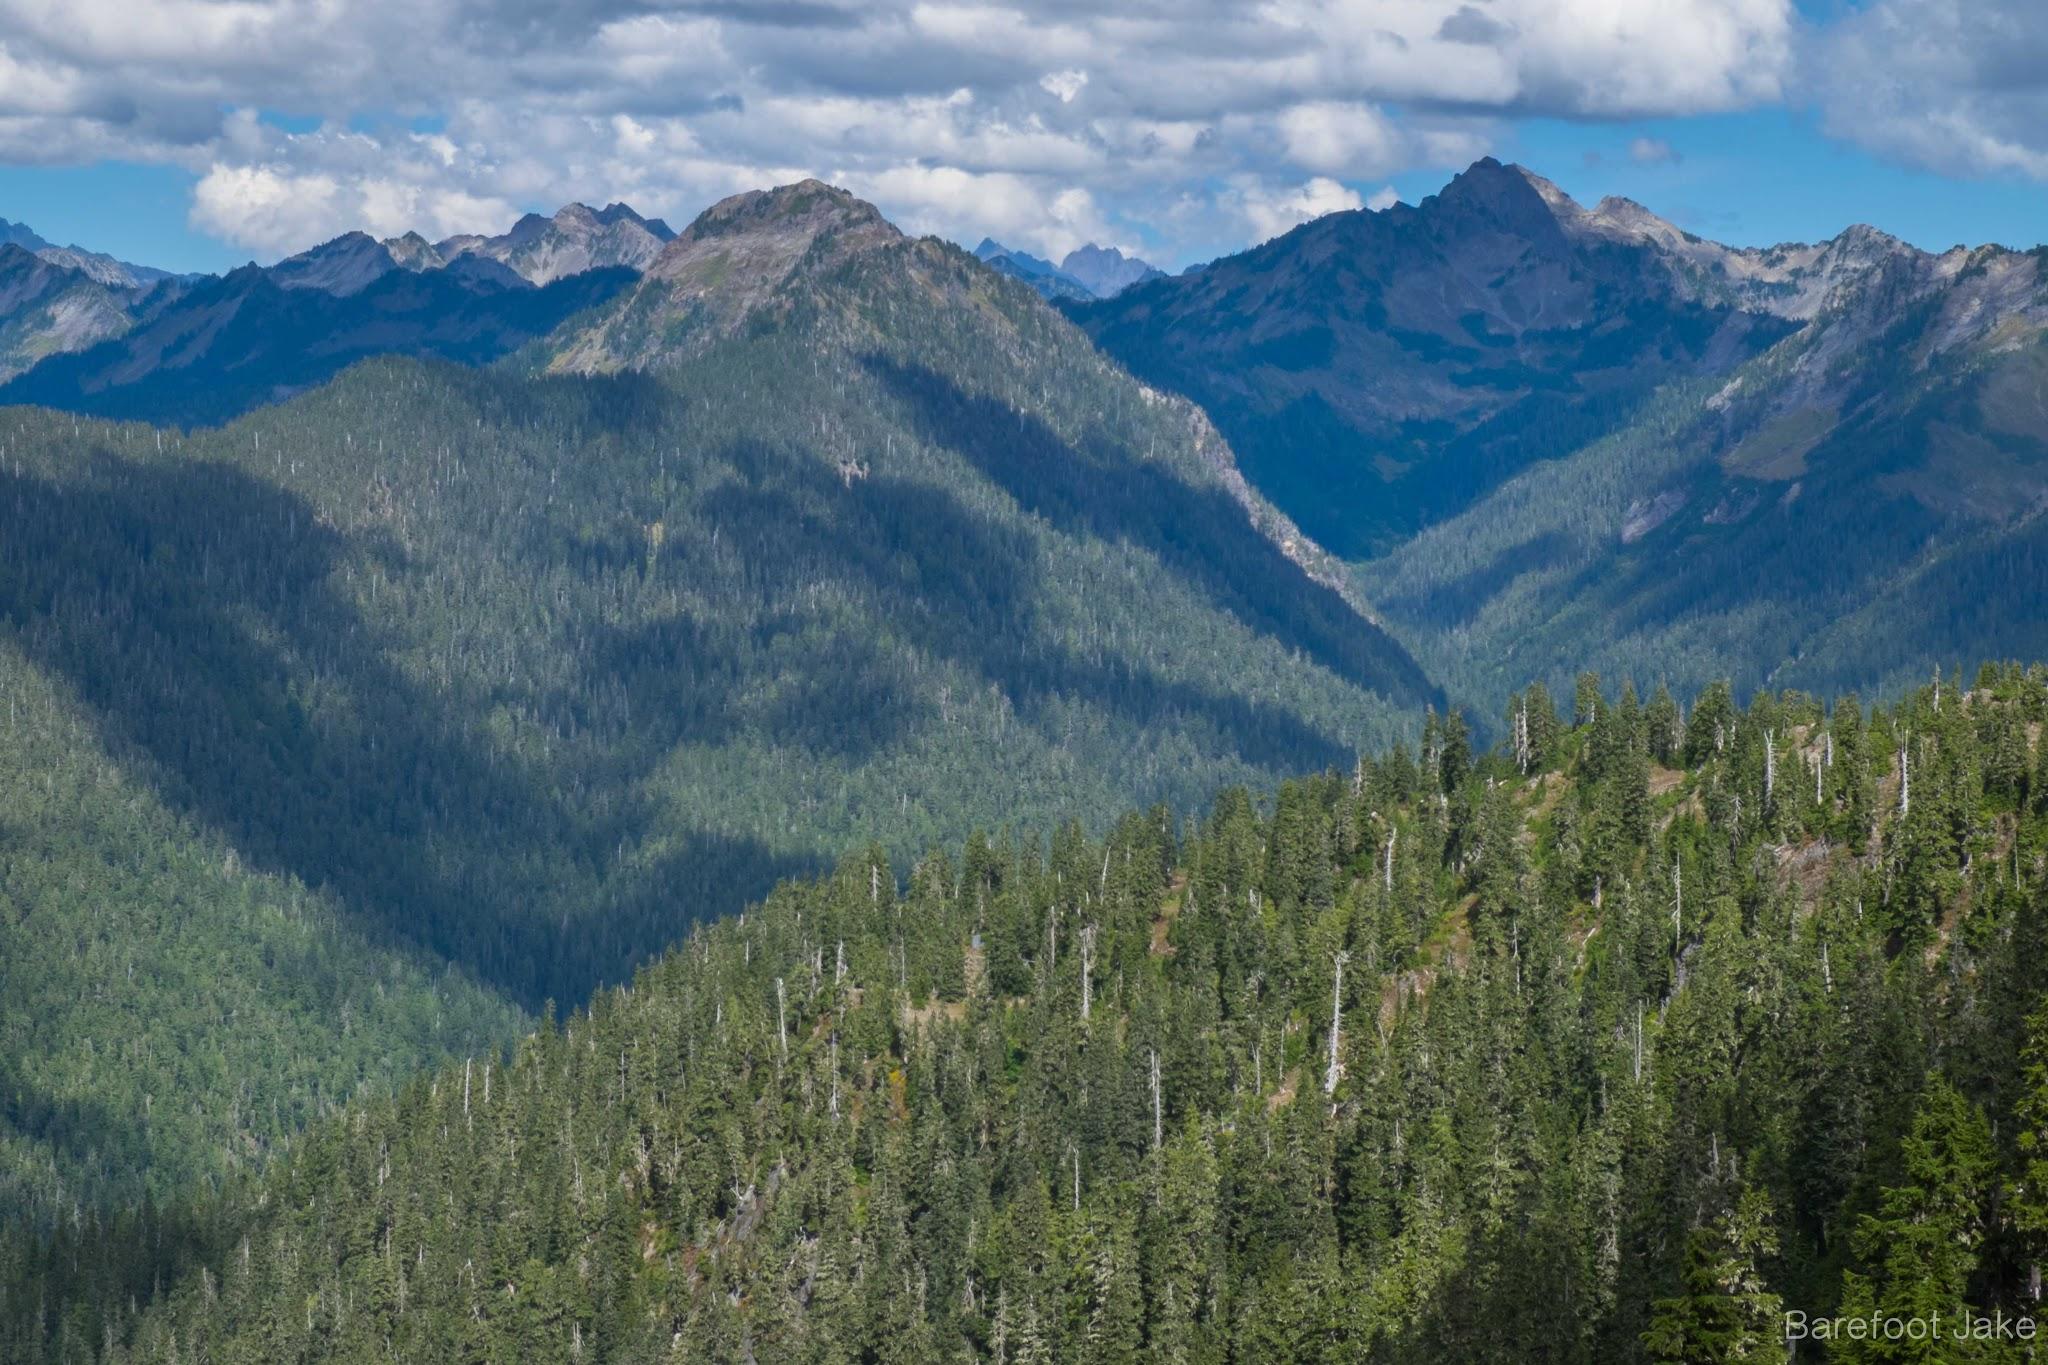 Oneal Peak